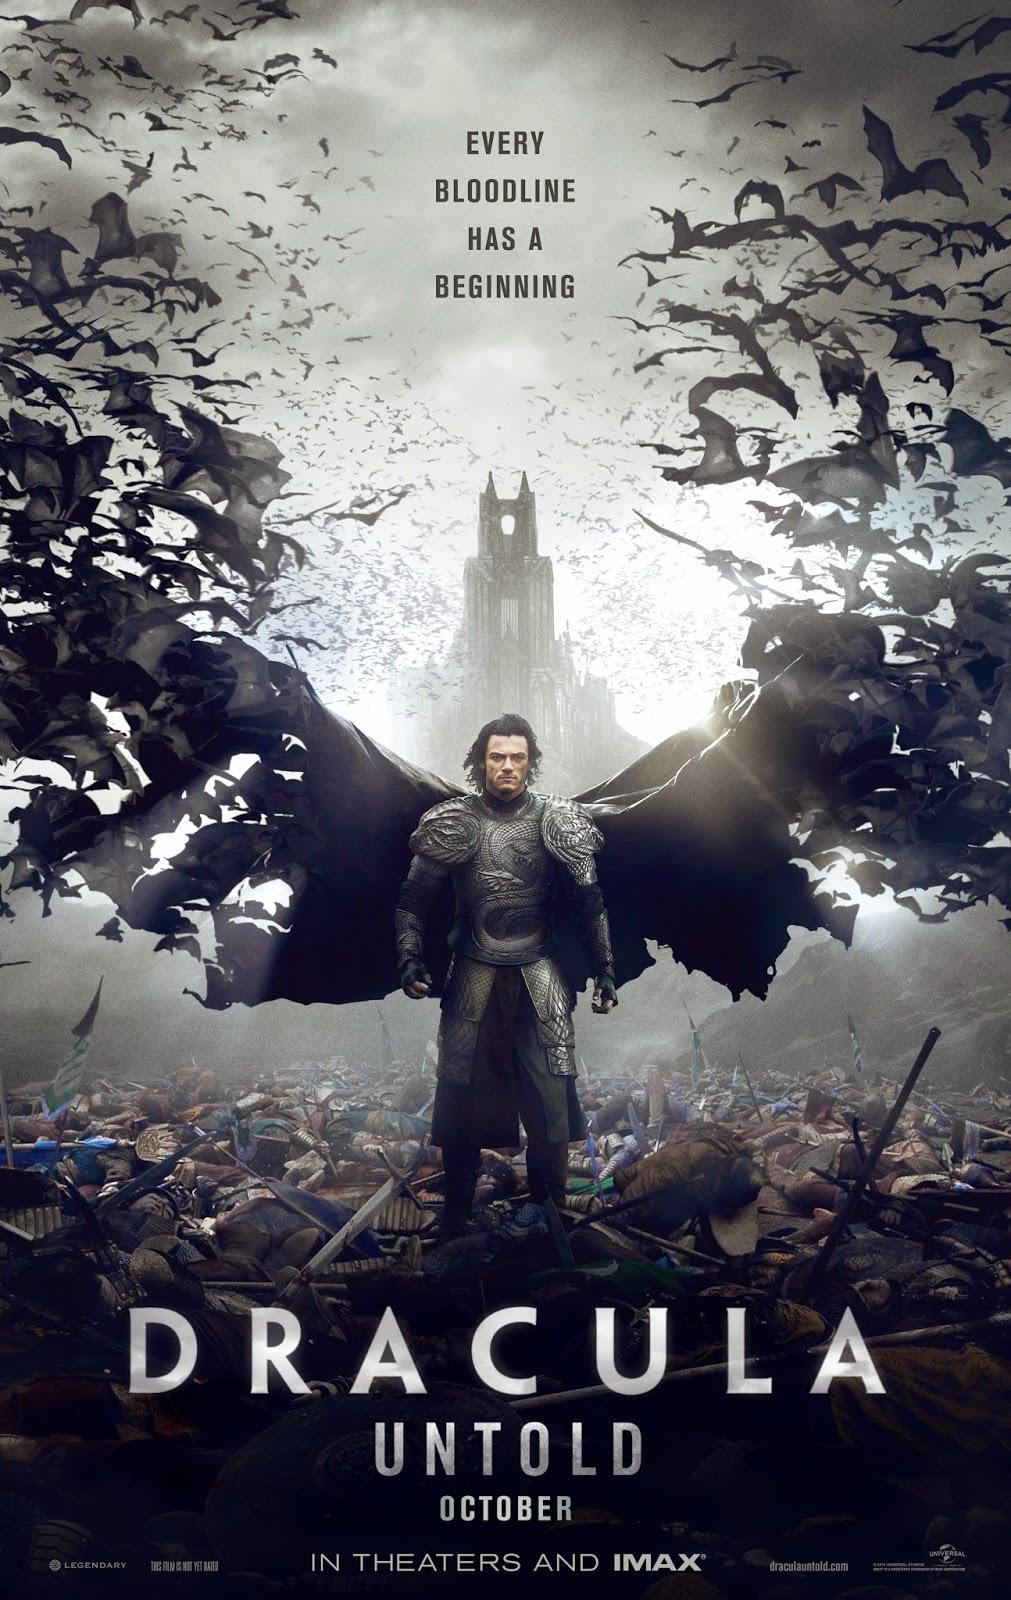 Ác Quỷ Dracula: Huyền Thoại Chưa Kể Lồng tiếng